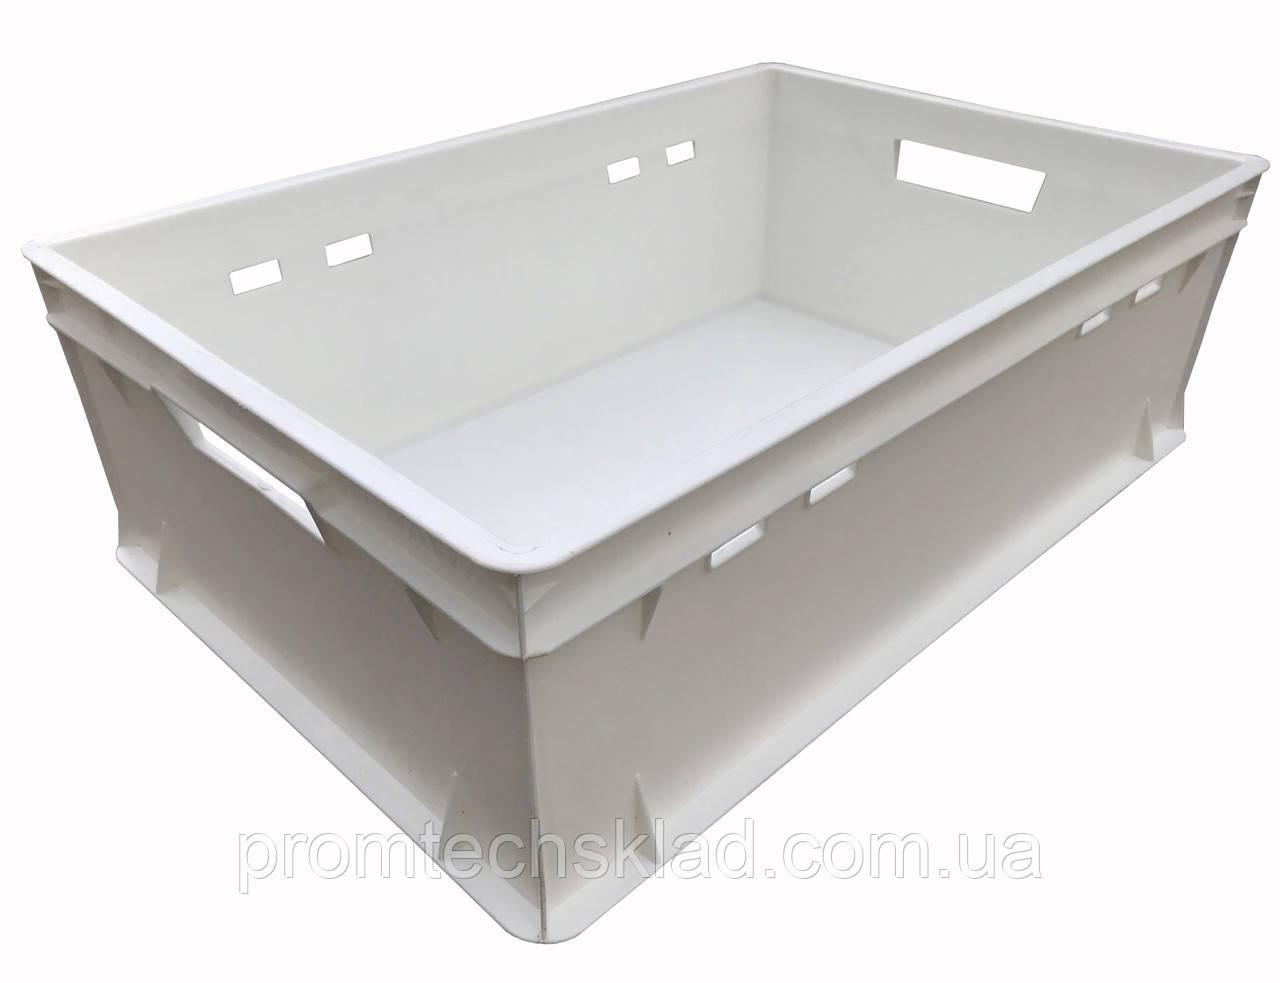 Ящик пластиковый 600х400х200  E2 белый